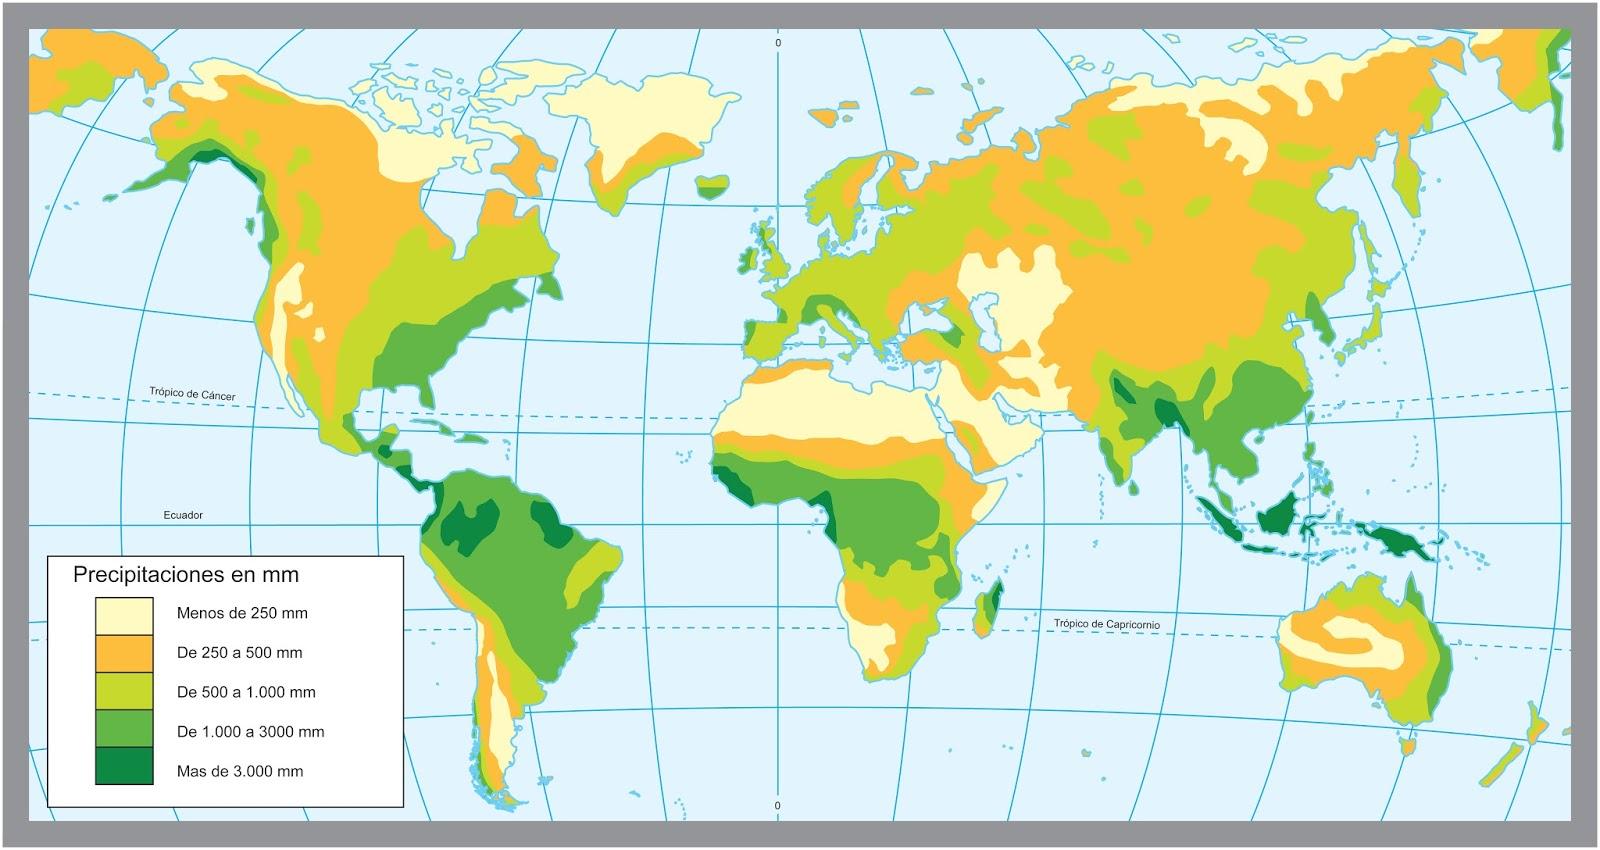 Mapamundi de precipitaciones anuales  CLIMA Y TIEMPO  Pinterest